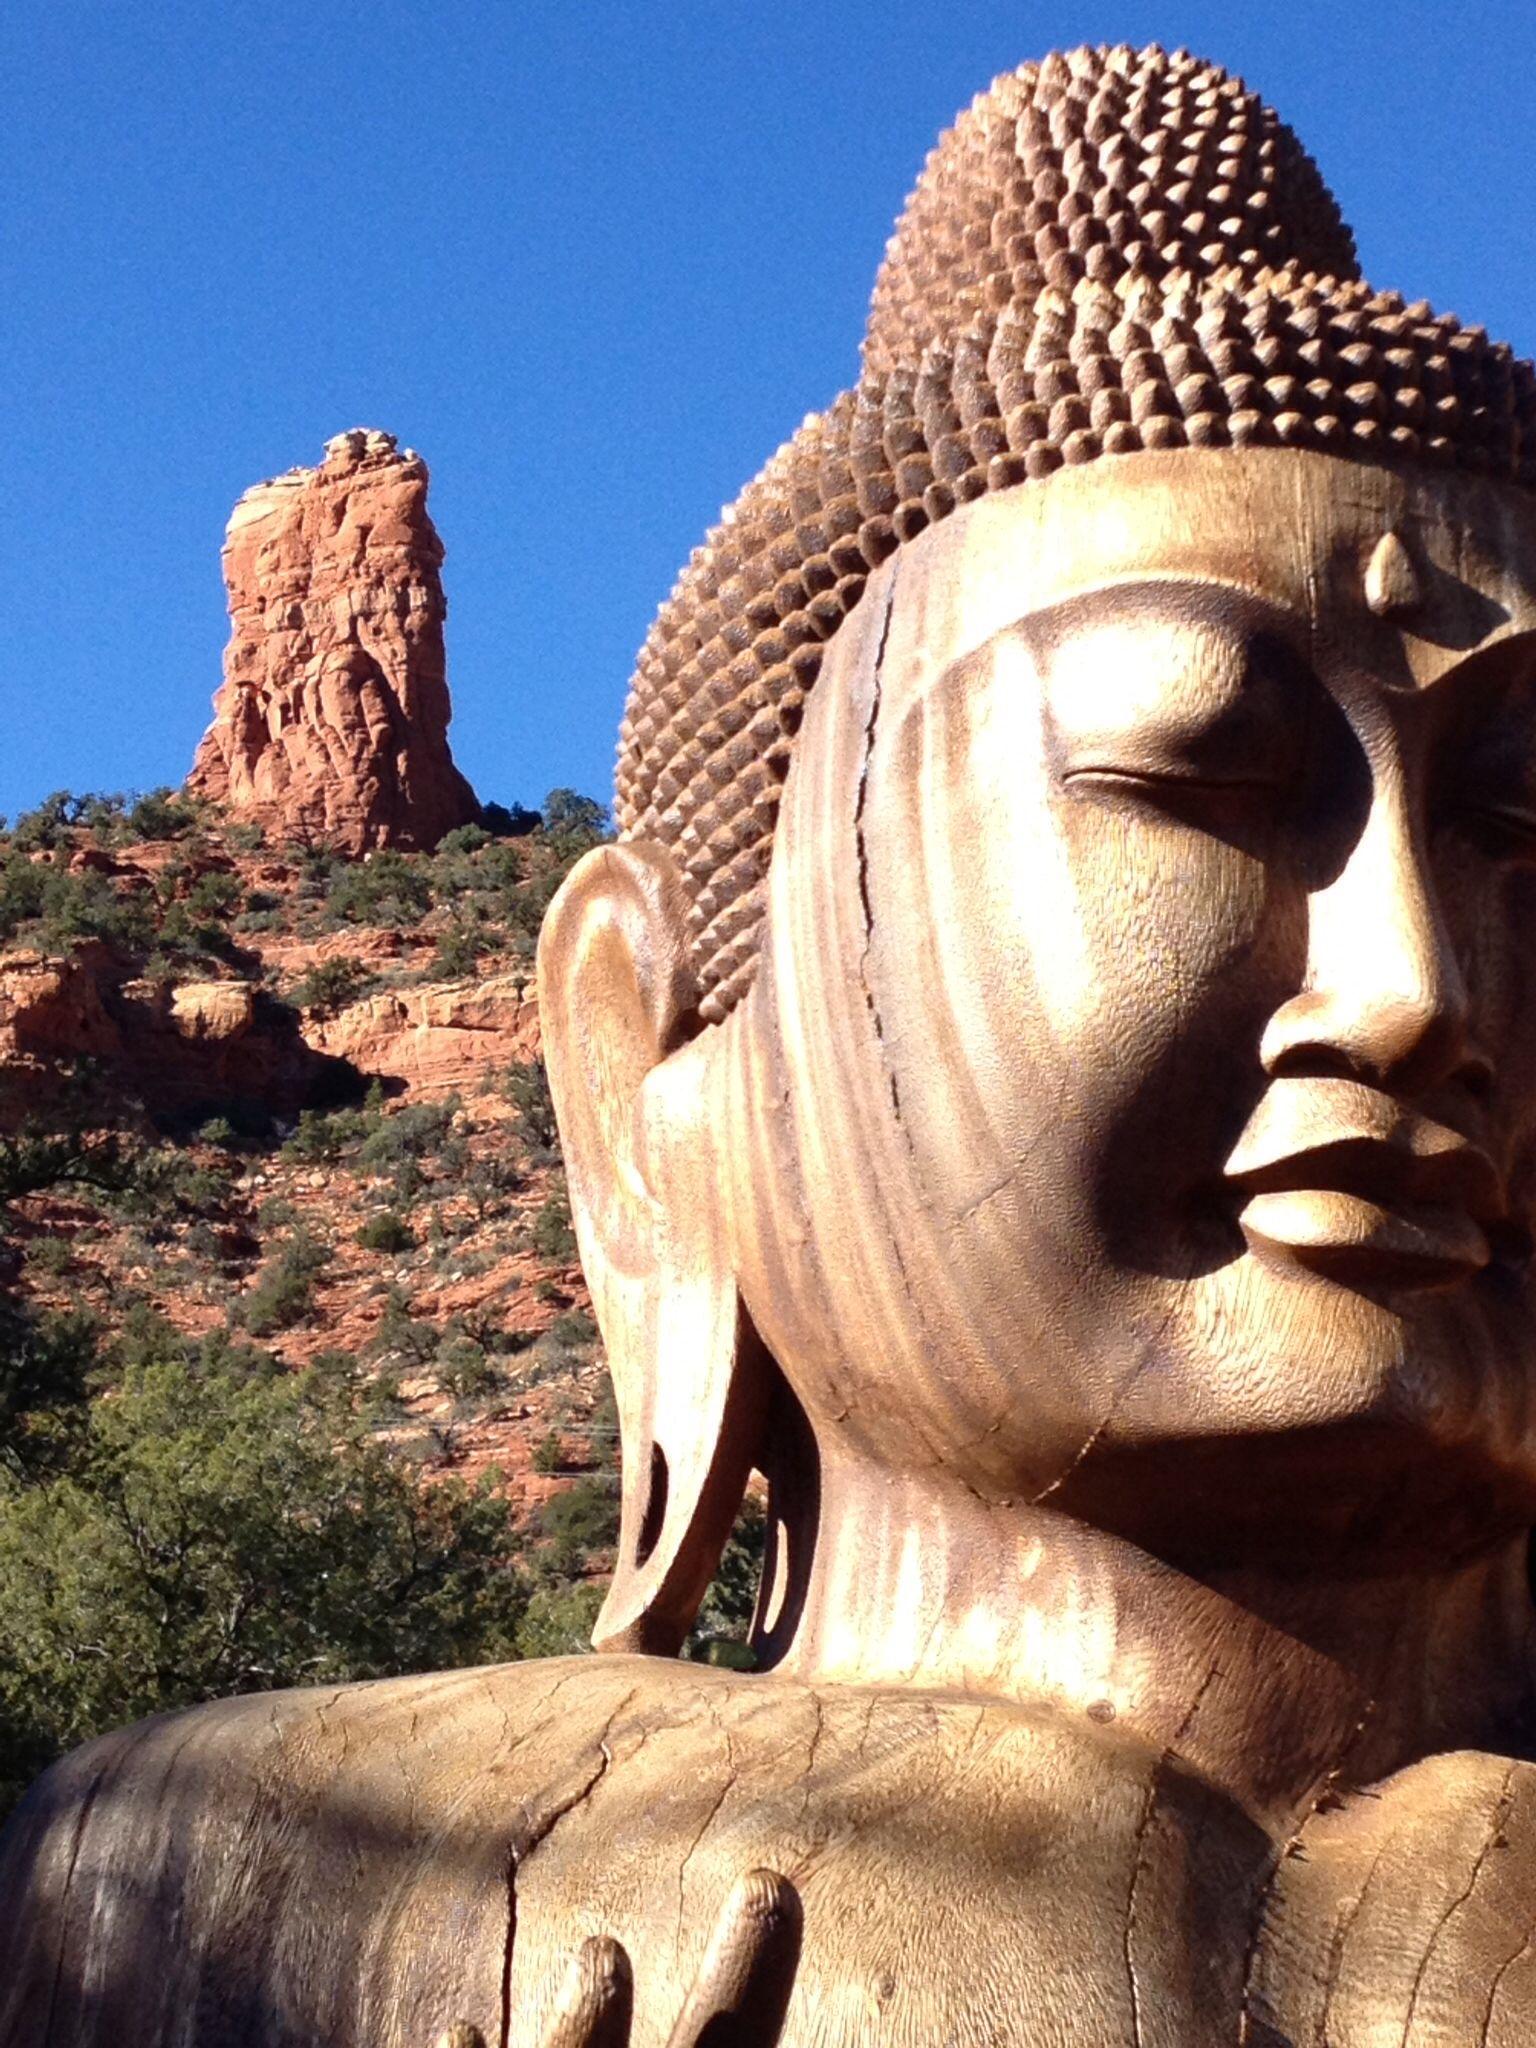 Red Rock Buddha at Buddha Beach Sedona Arizona